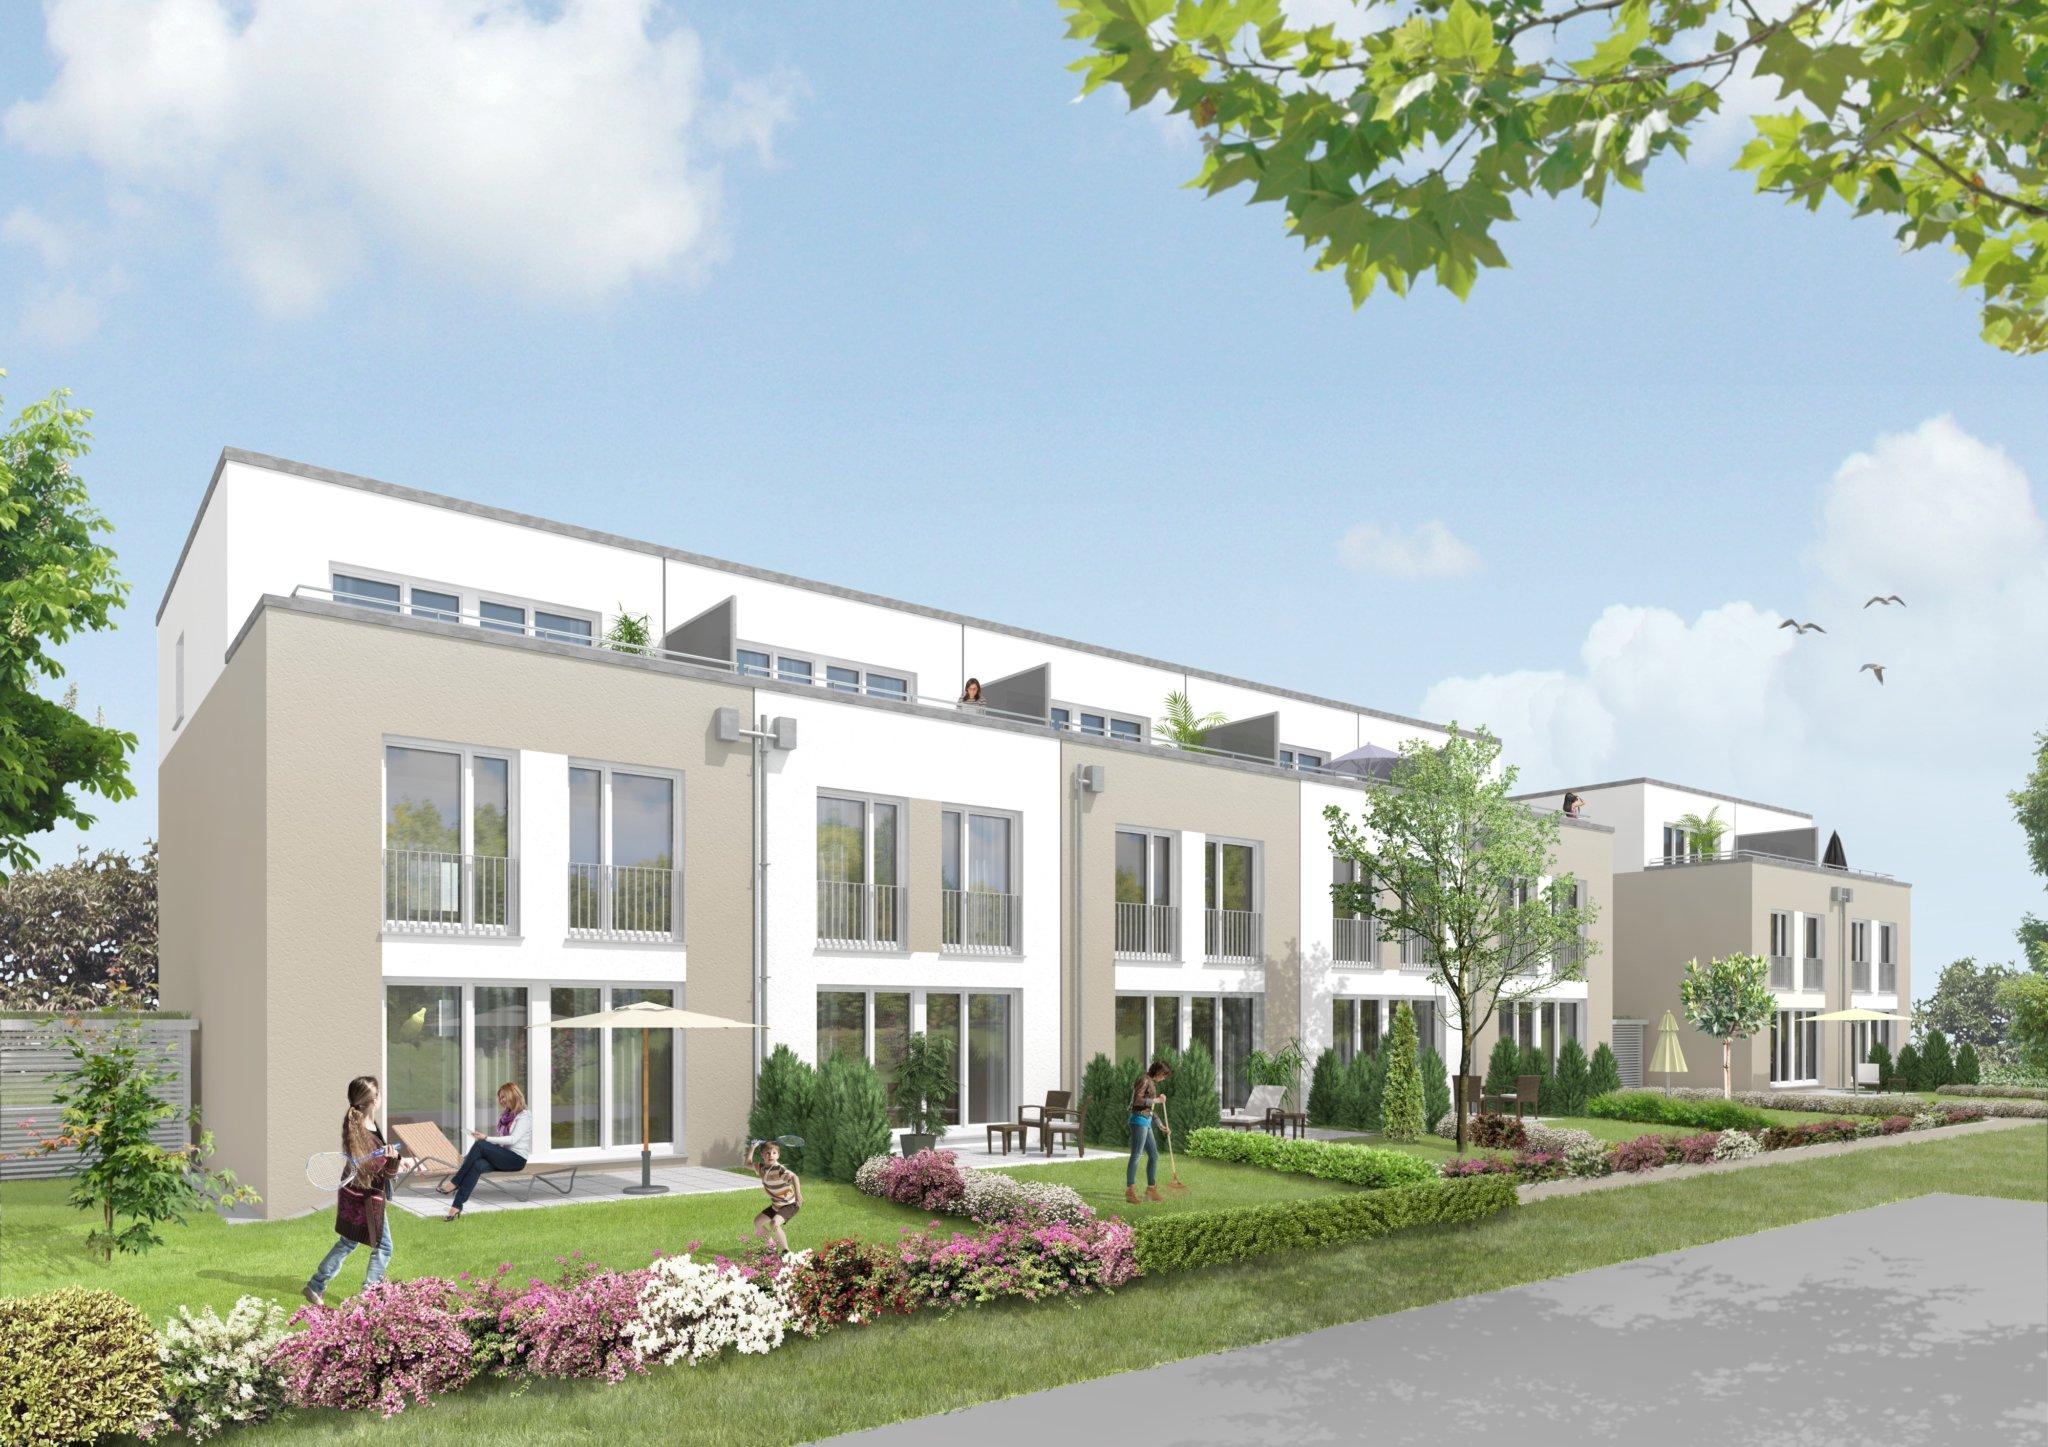 Projet de construction neuf kehl immobili re du bas rhin for Projet de construction